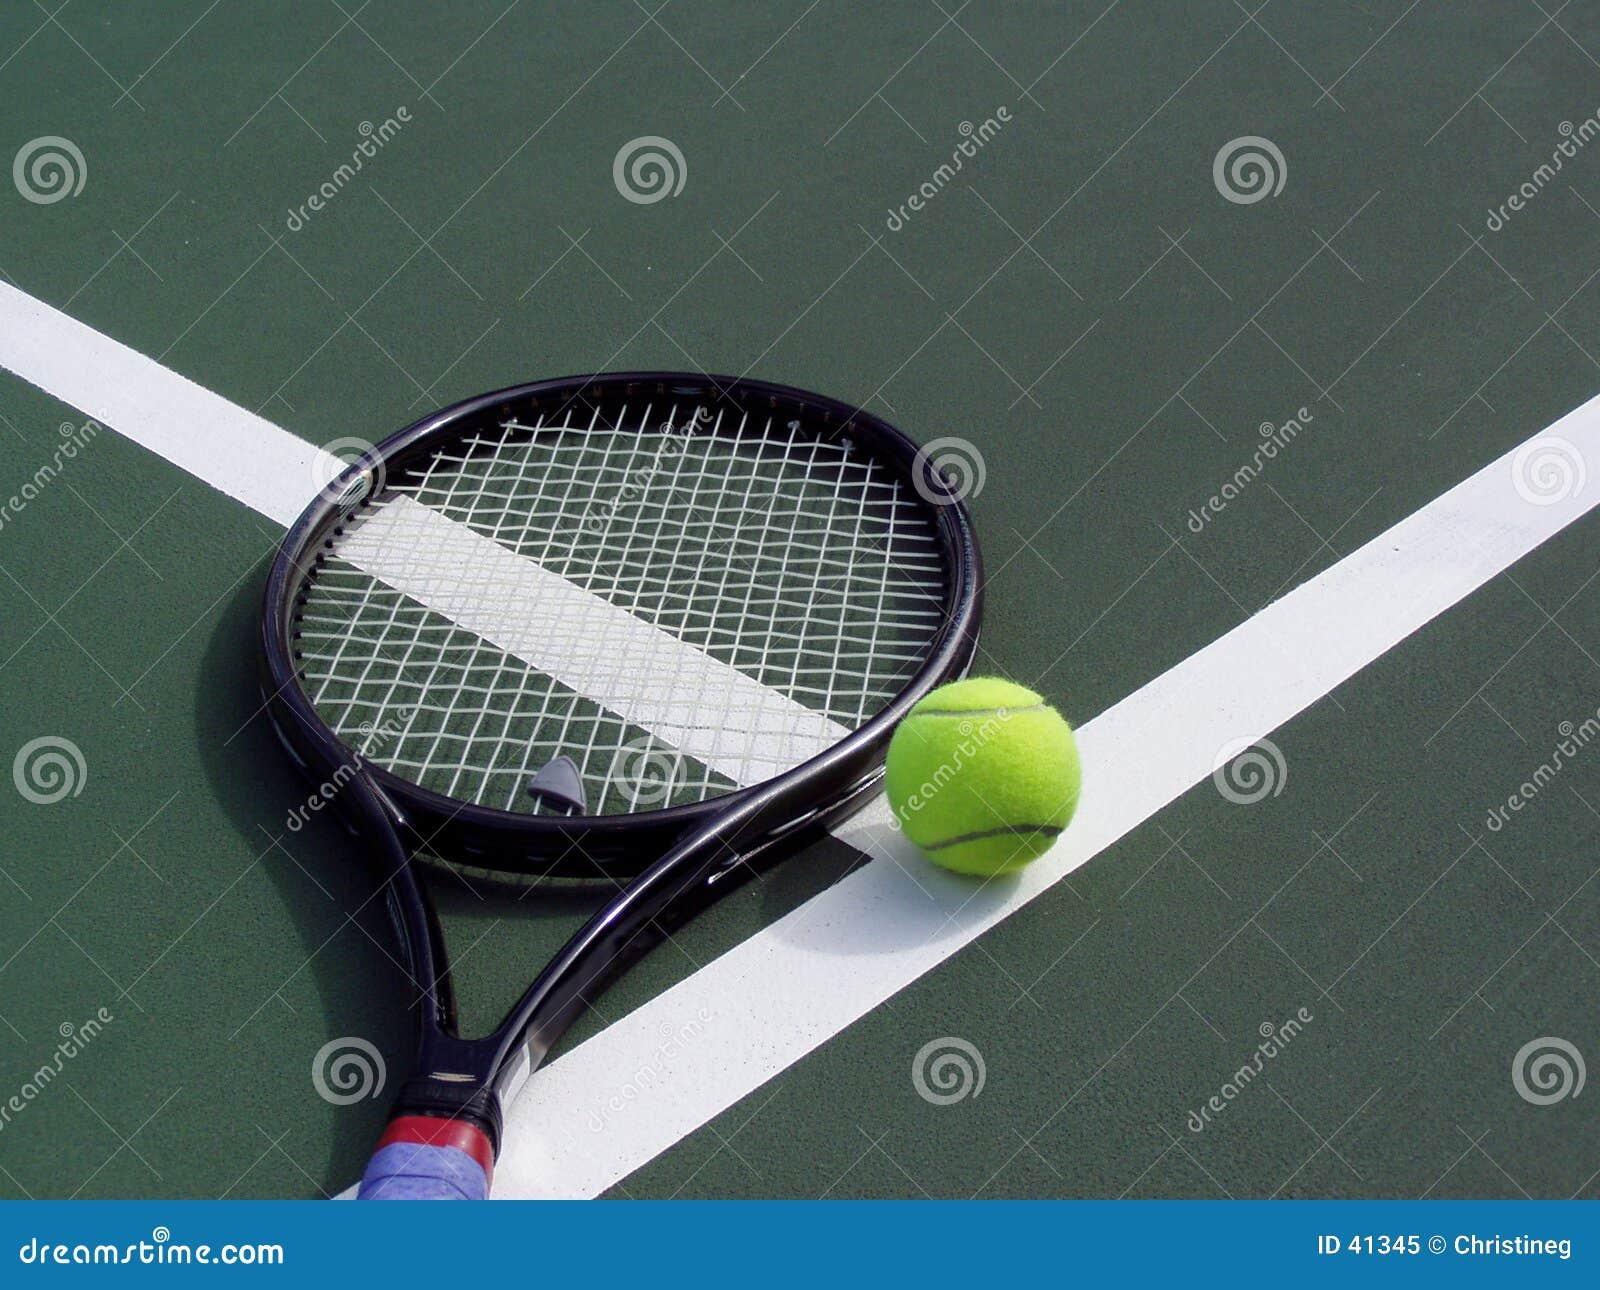 Raquette et bille de tennis sur un court de tennis